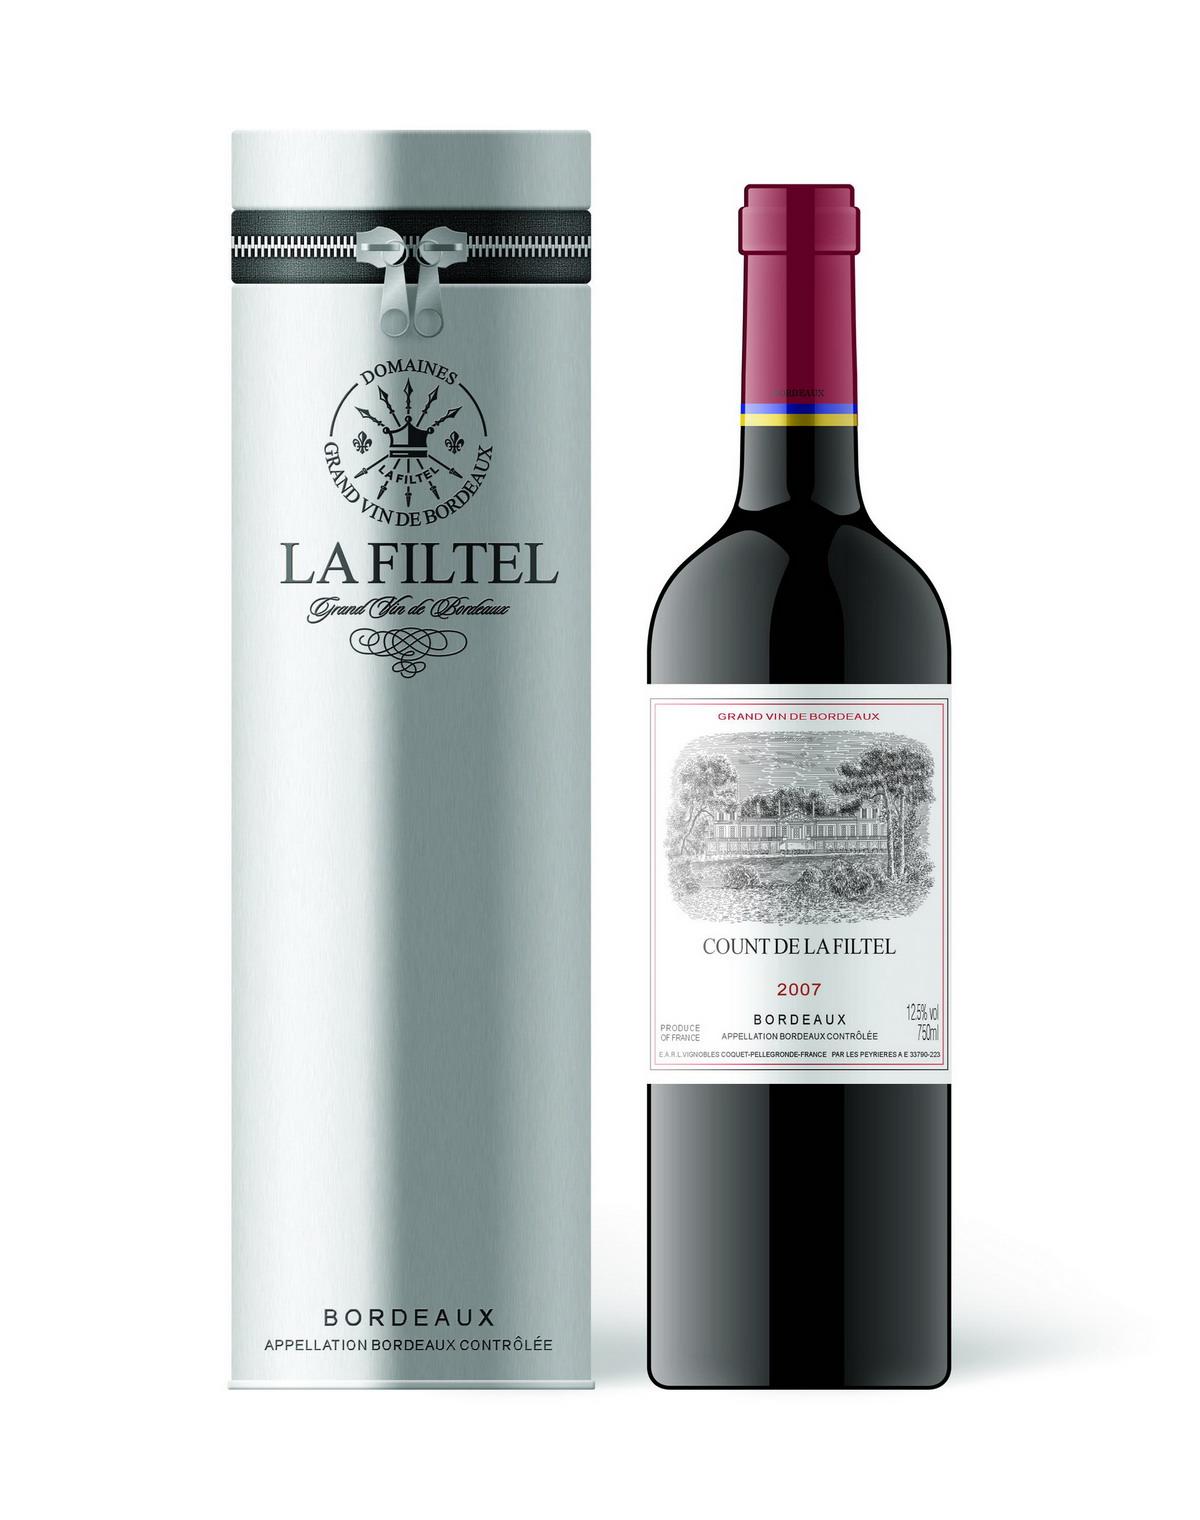 供应拉菲特伯爵2007年干红葡萄酒、拉菲特红酒批发